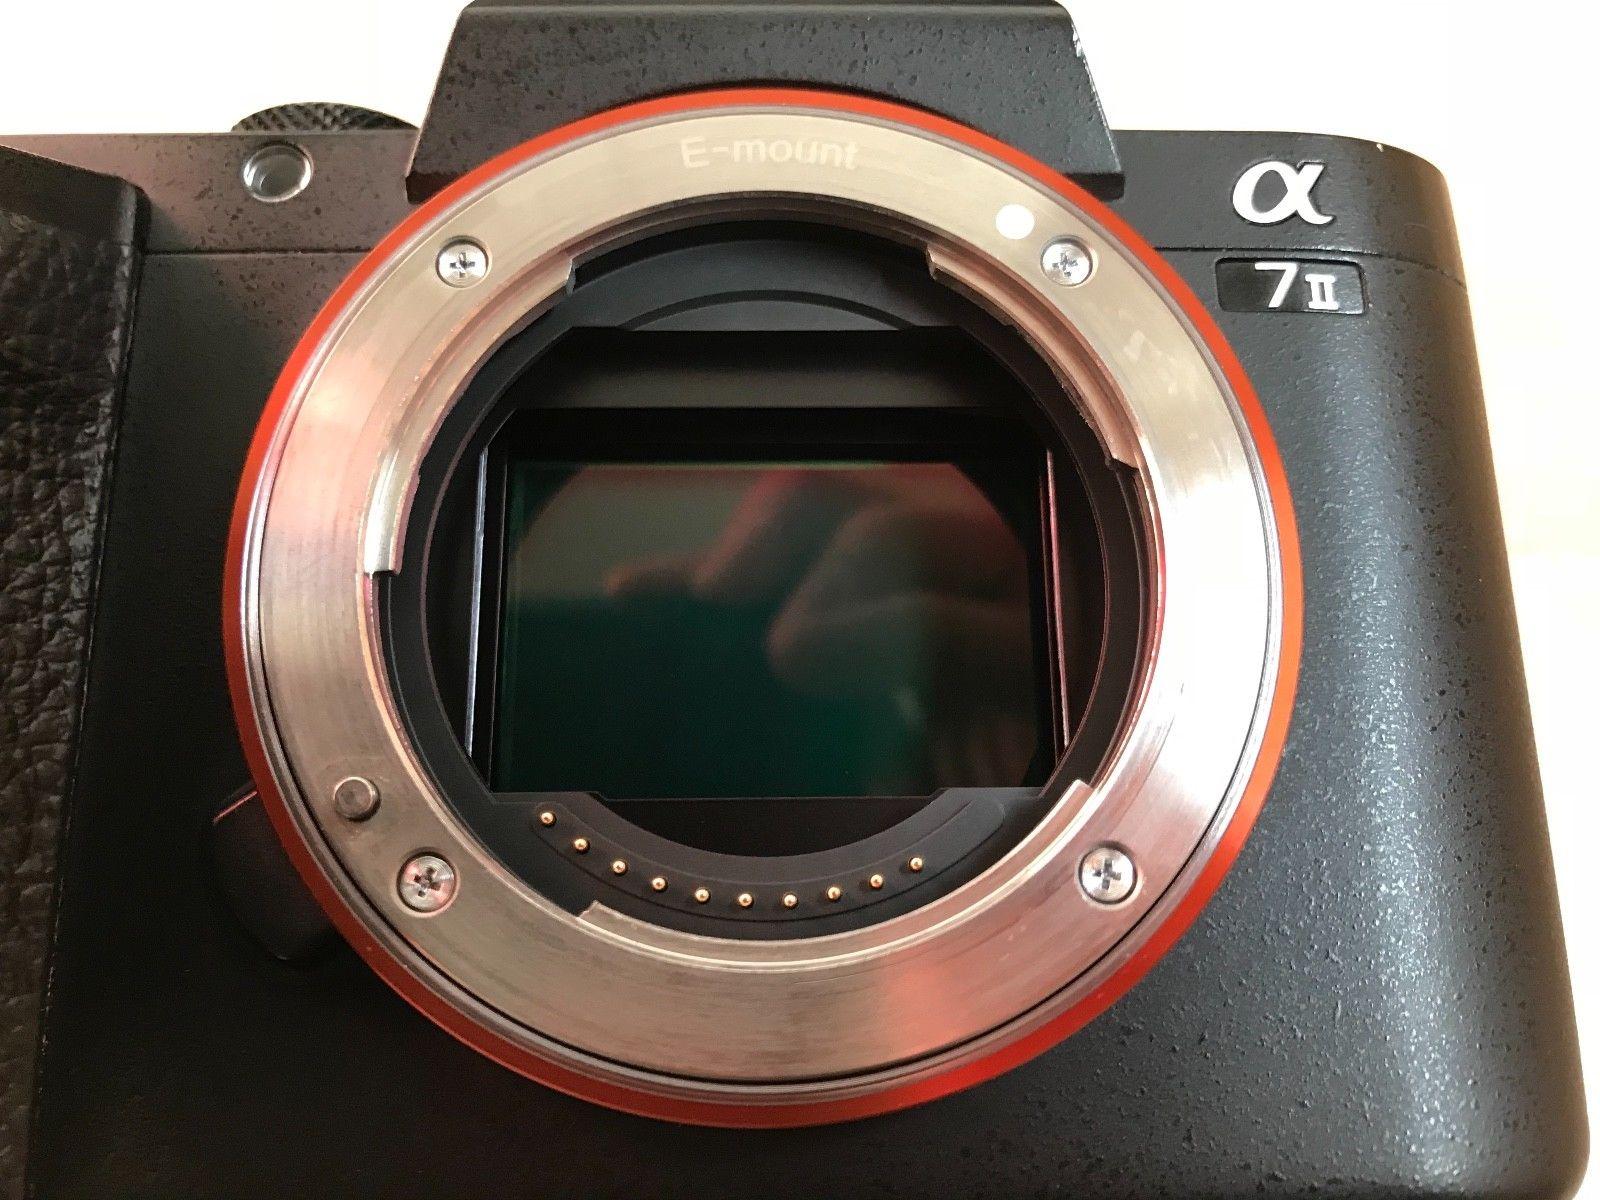 Sony Alpha ILCE-7M2 A7 II Digitalkamera (Body) Gebraucht Super Zustand